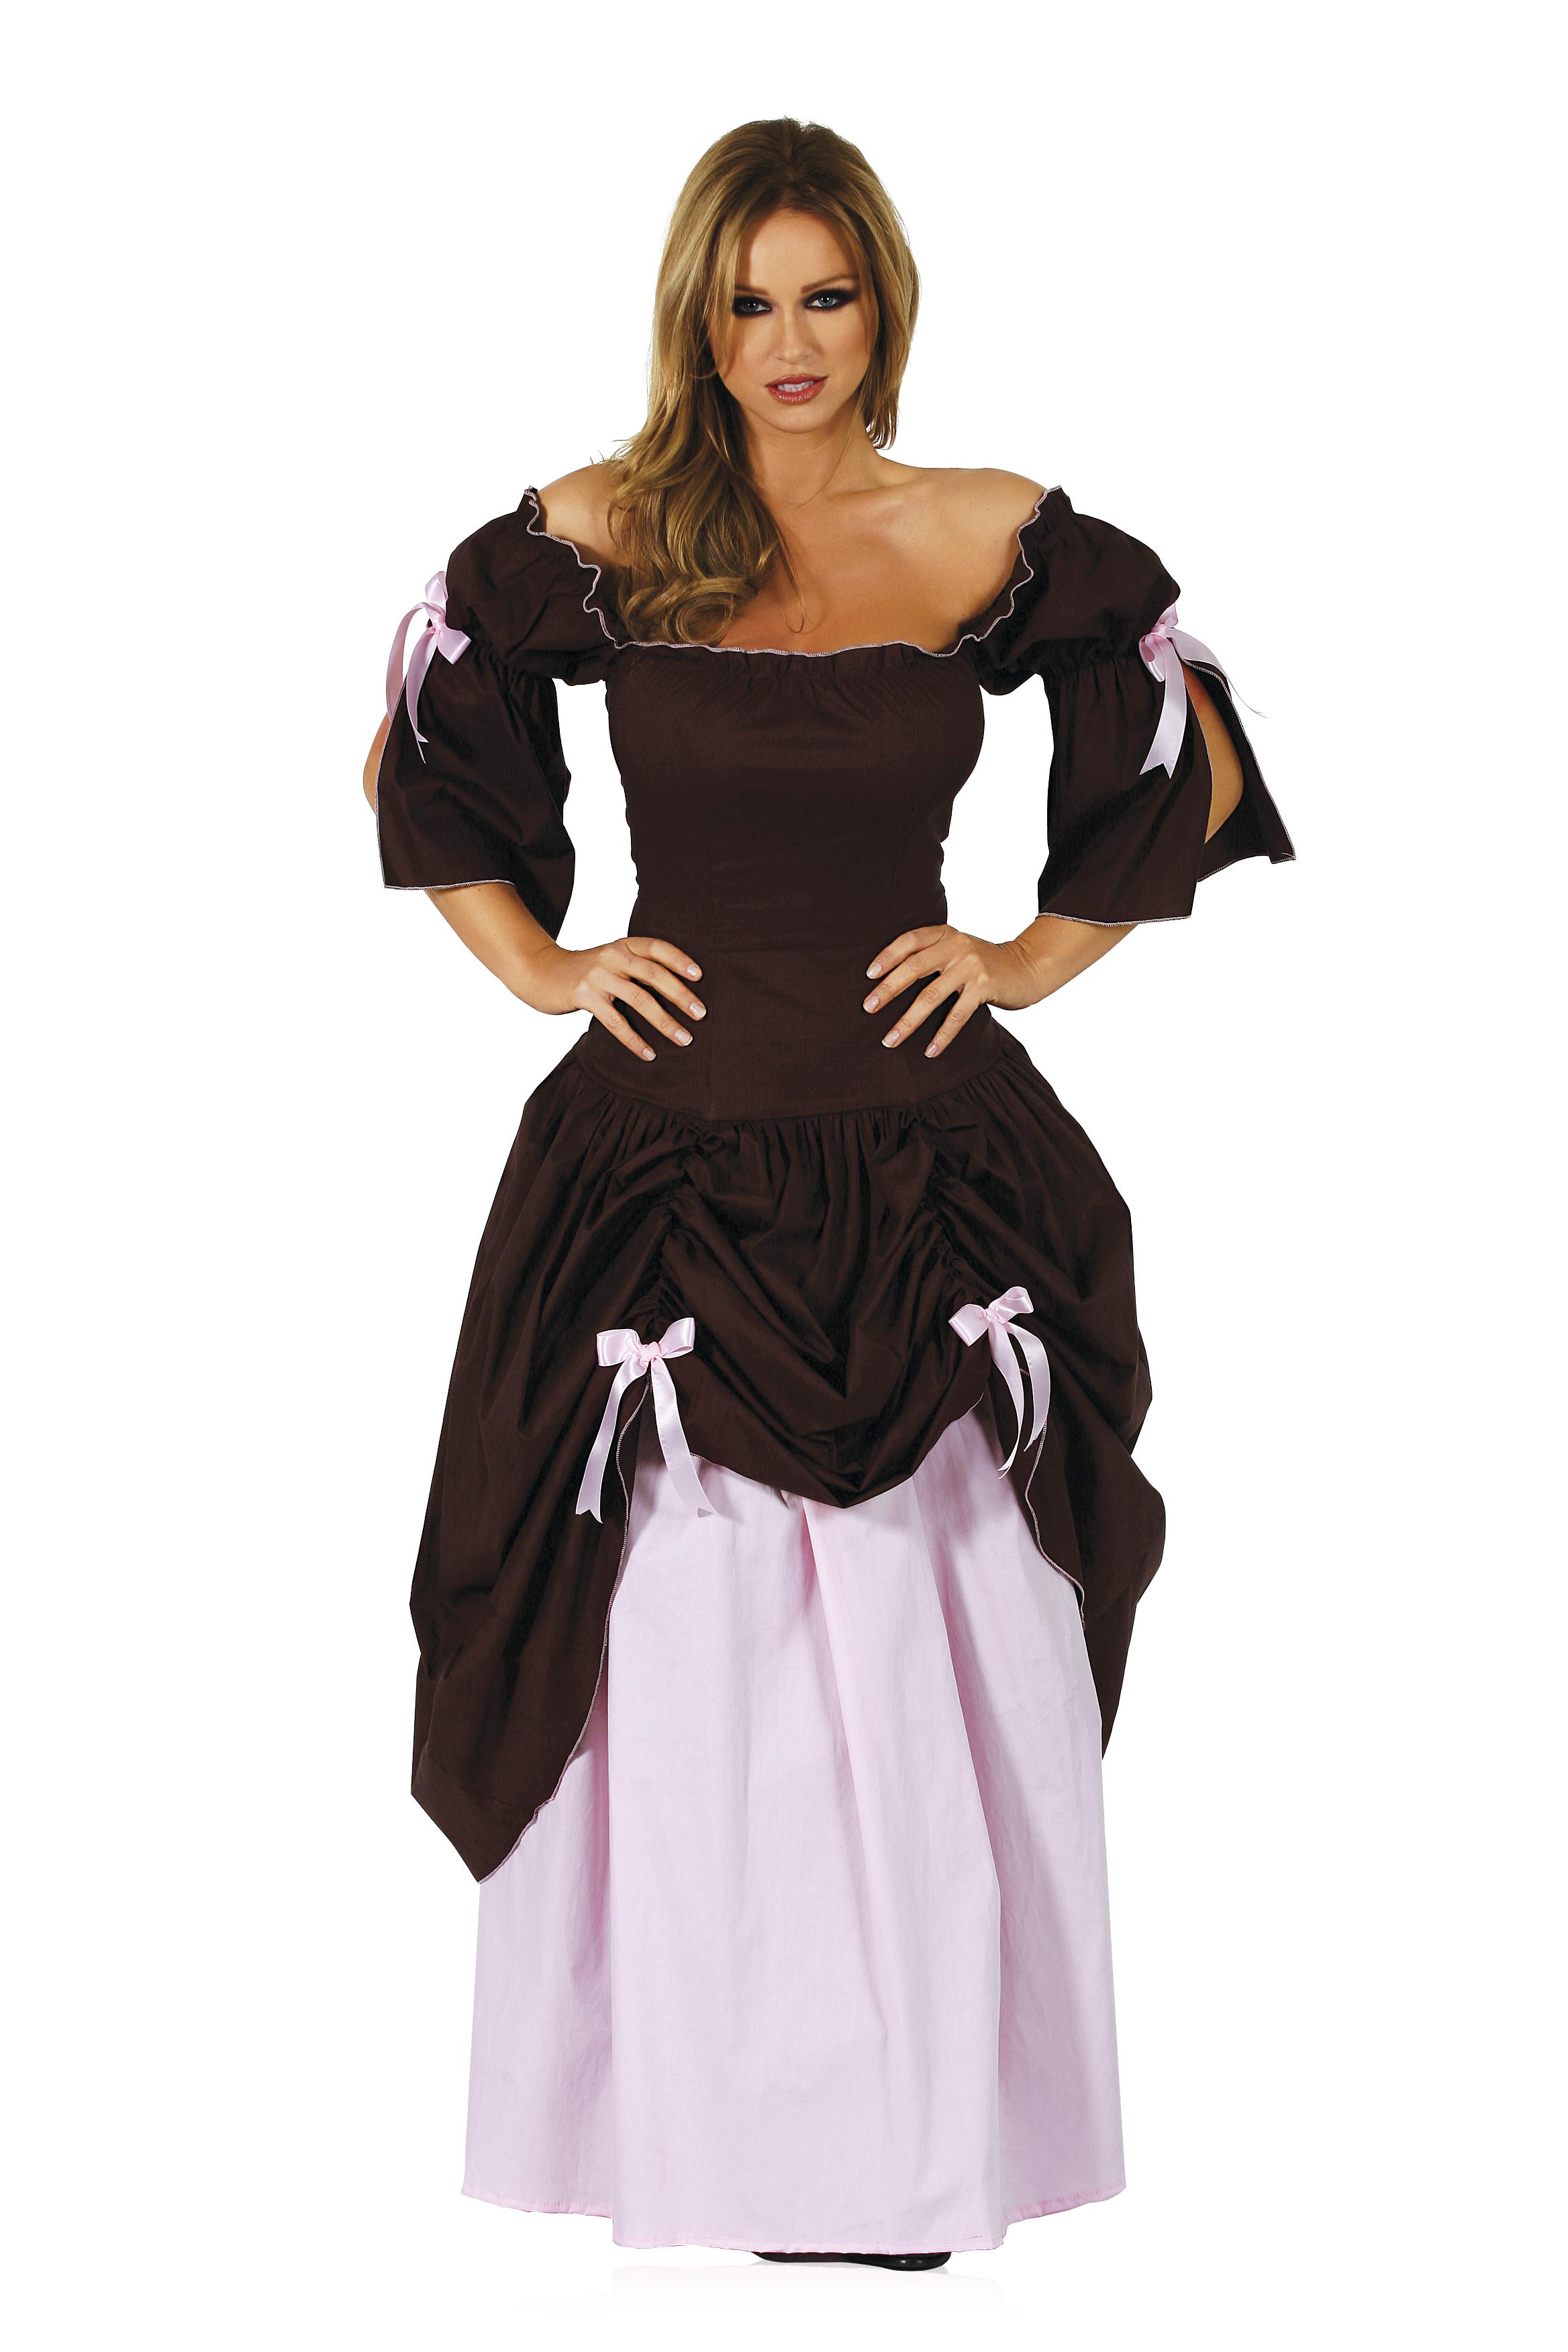 Средневековые костюмы порно 1 фотография